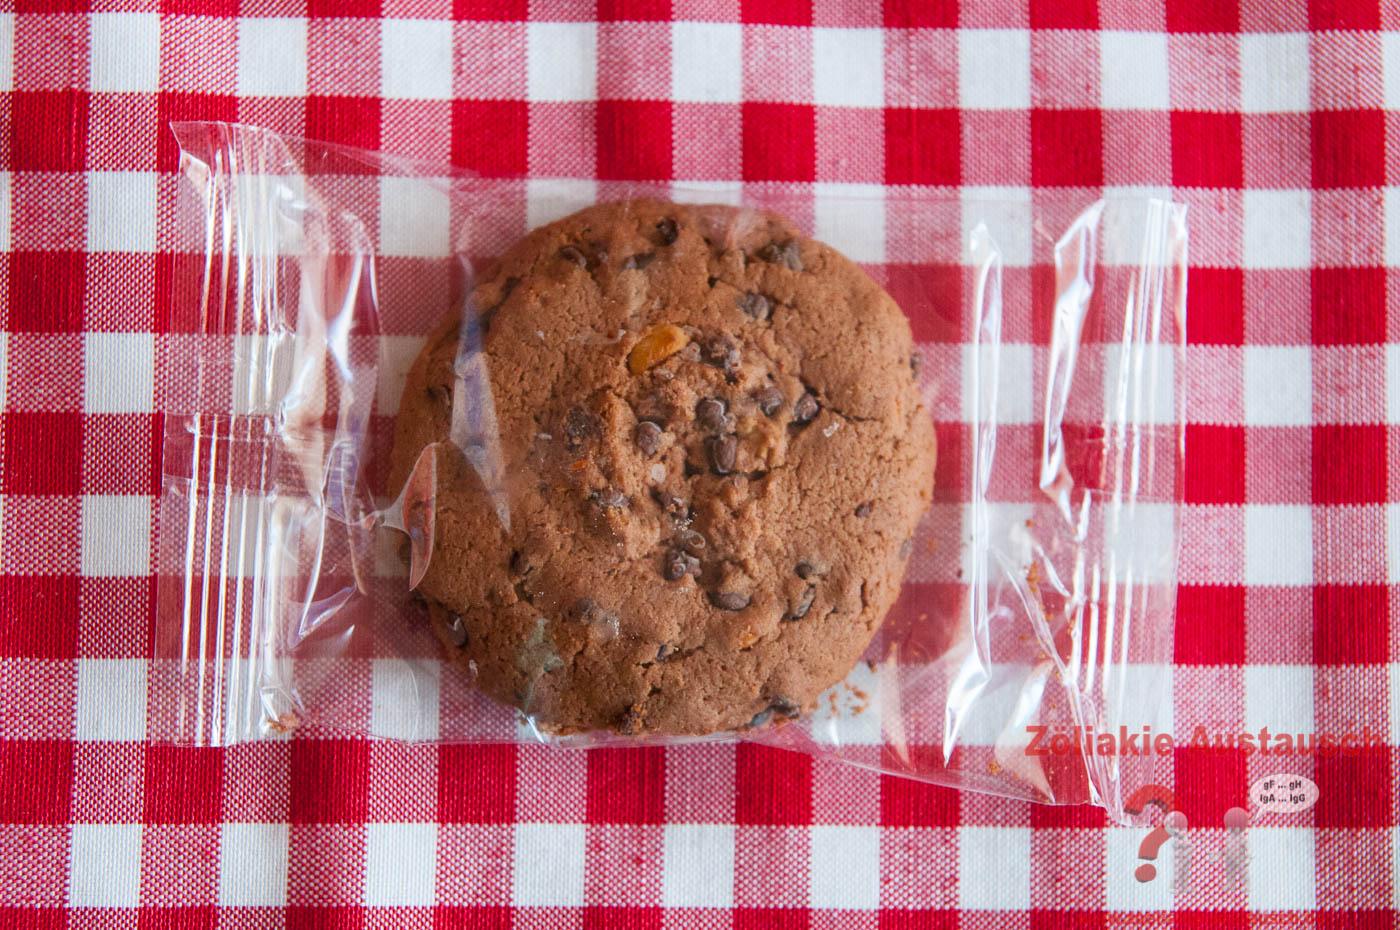 Zoeliakie_Austausch_Sommer_Cookies-006